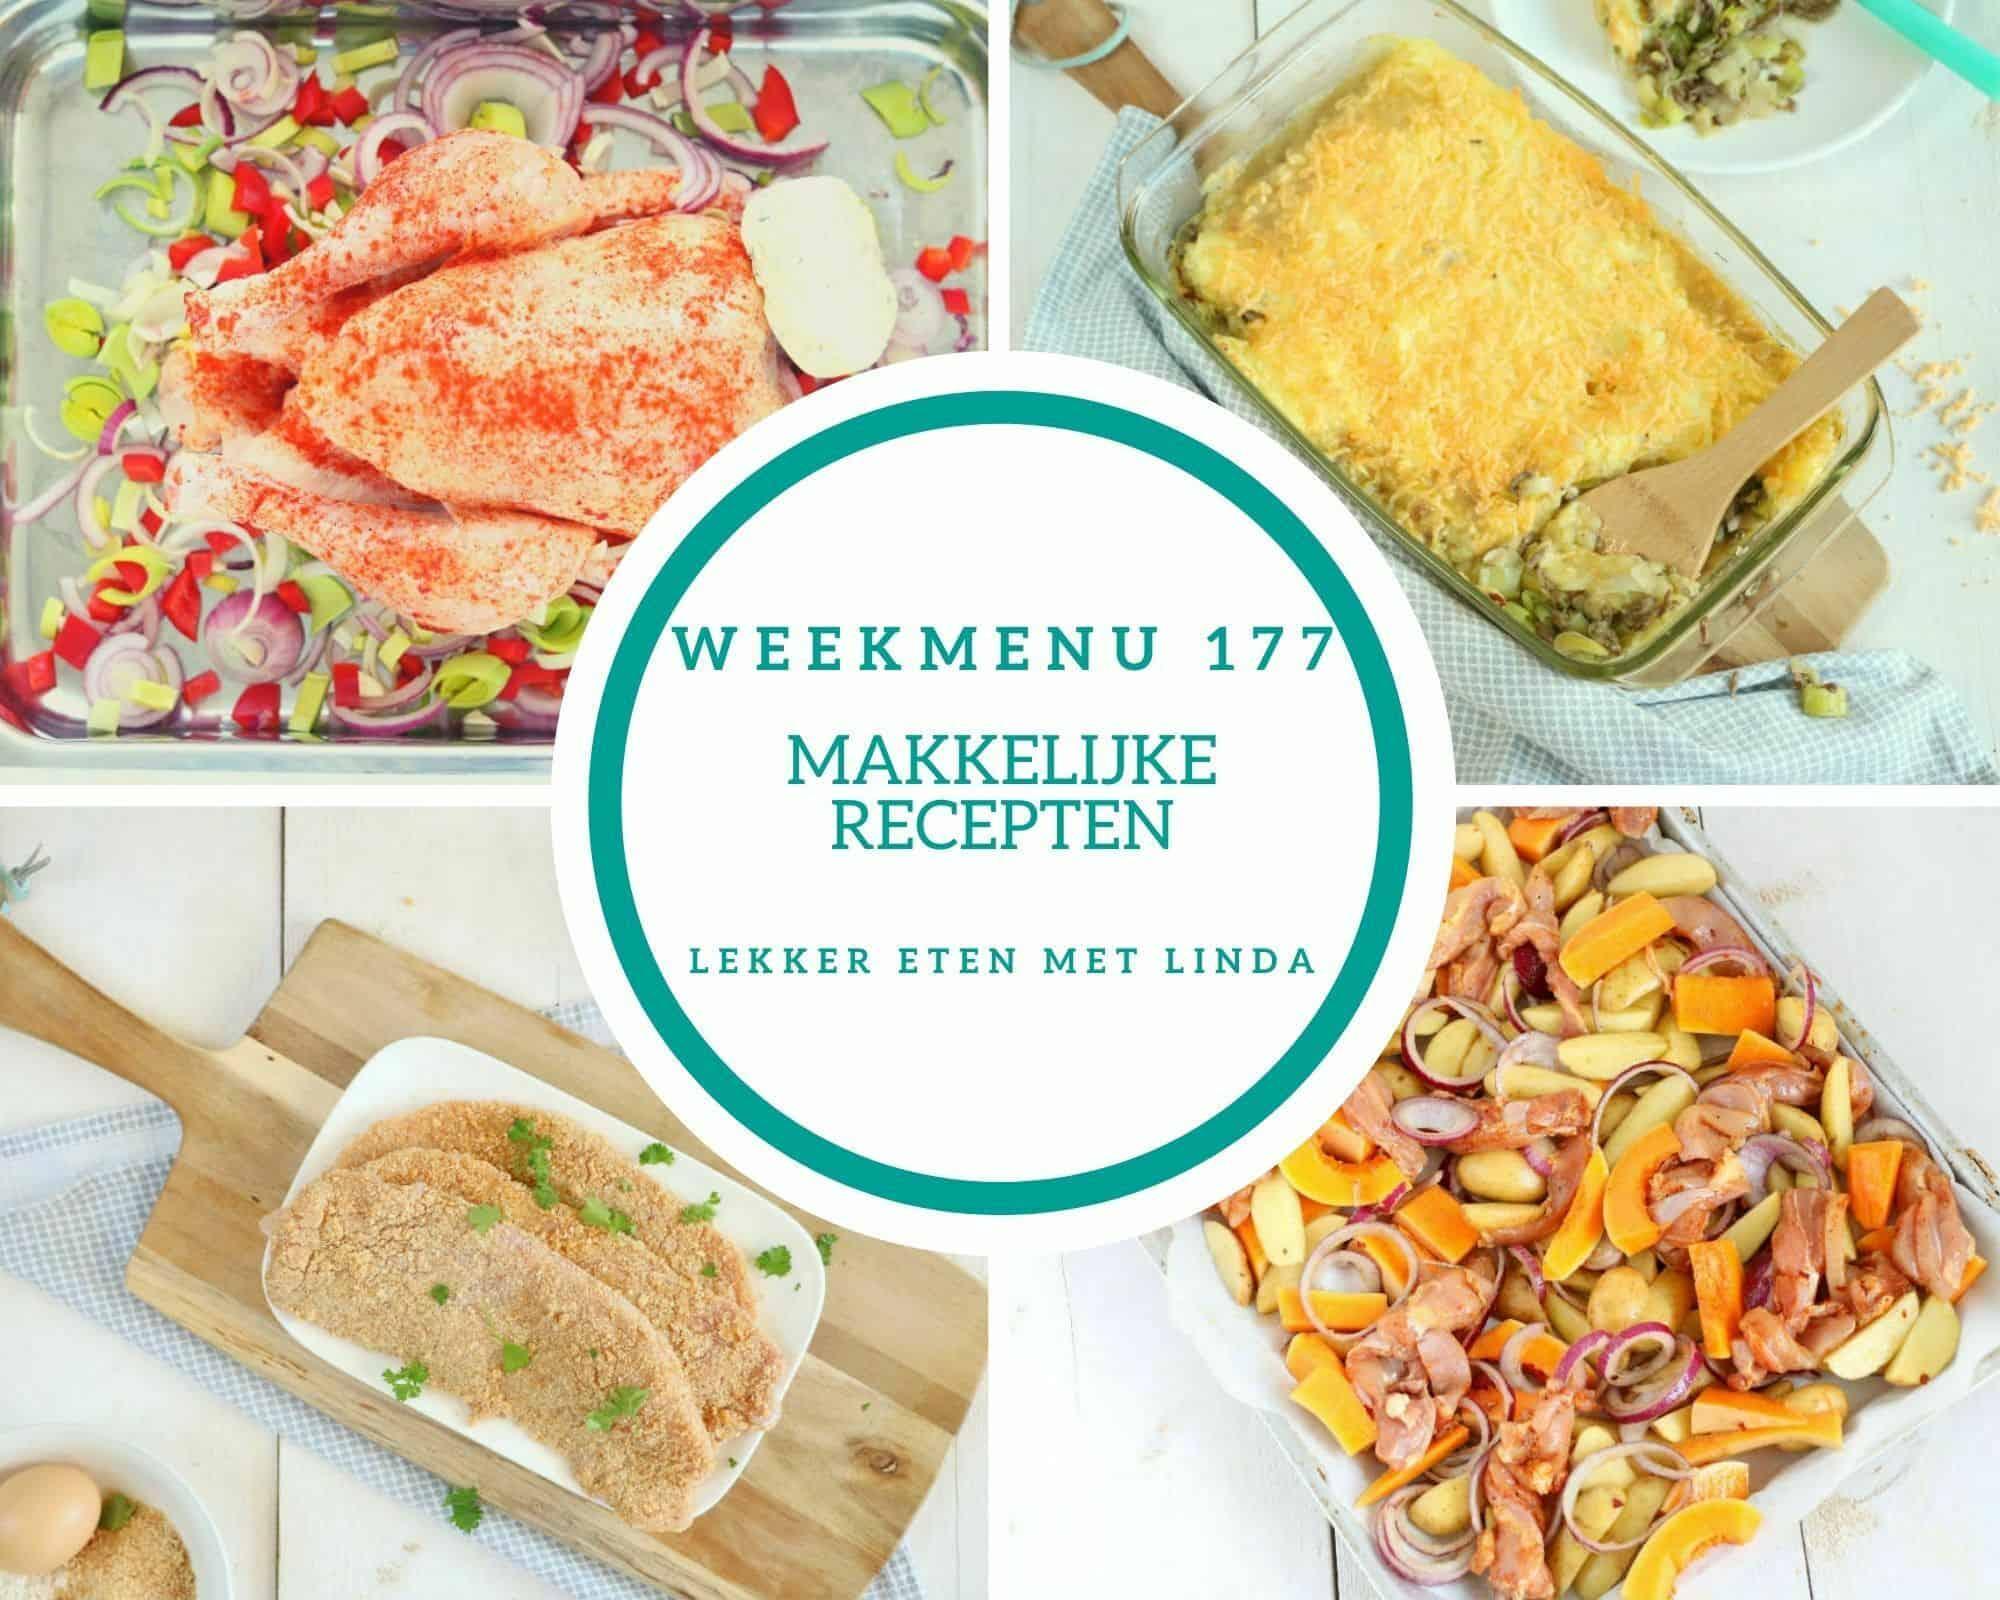 Weekmenu 177 met makkelijke recepten geschikt voor het hele gezin